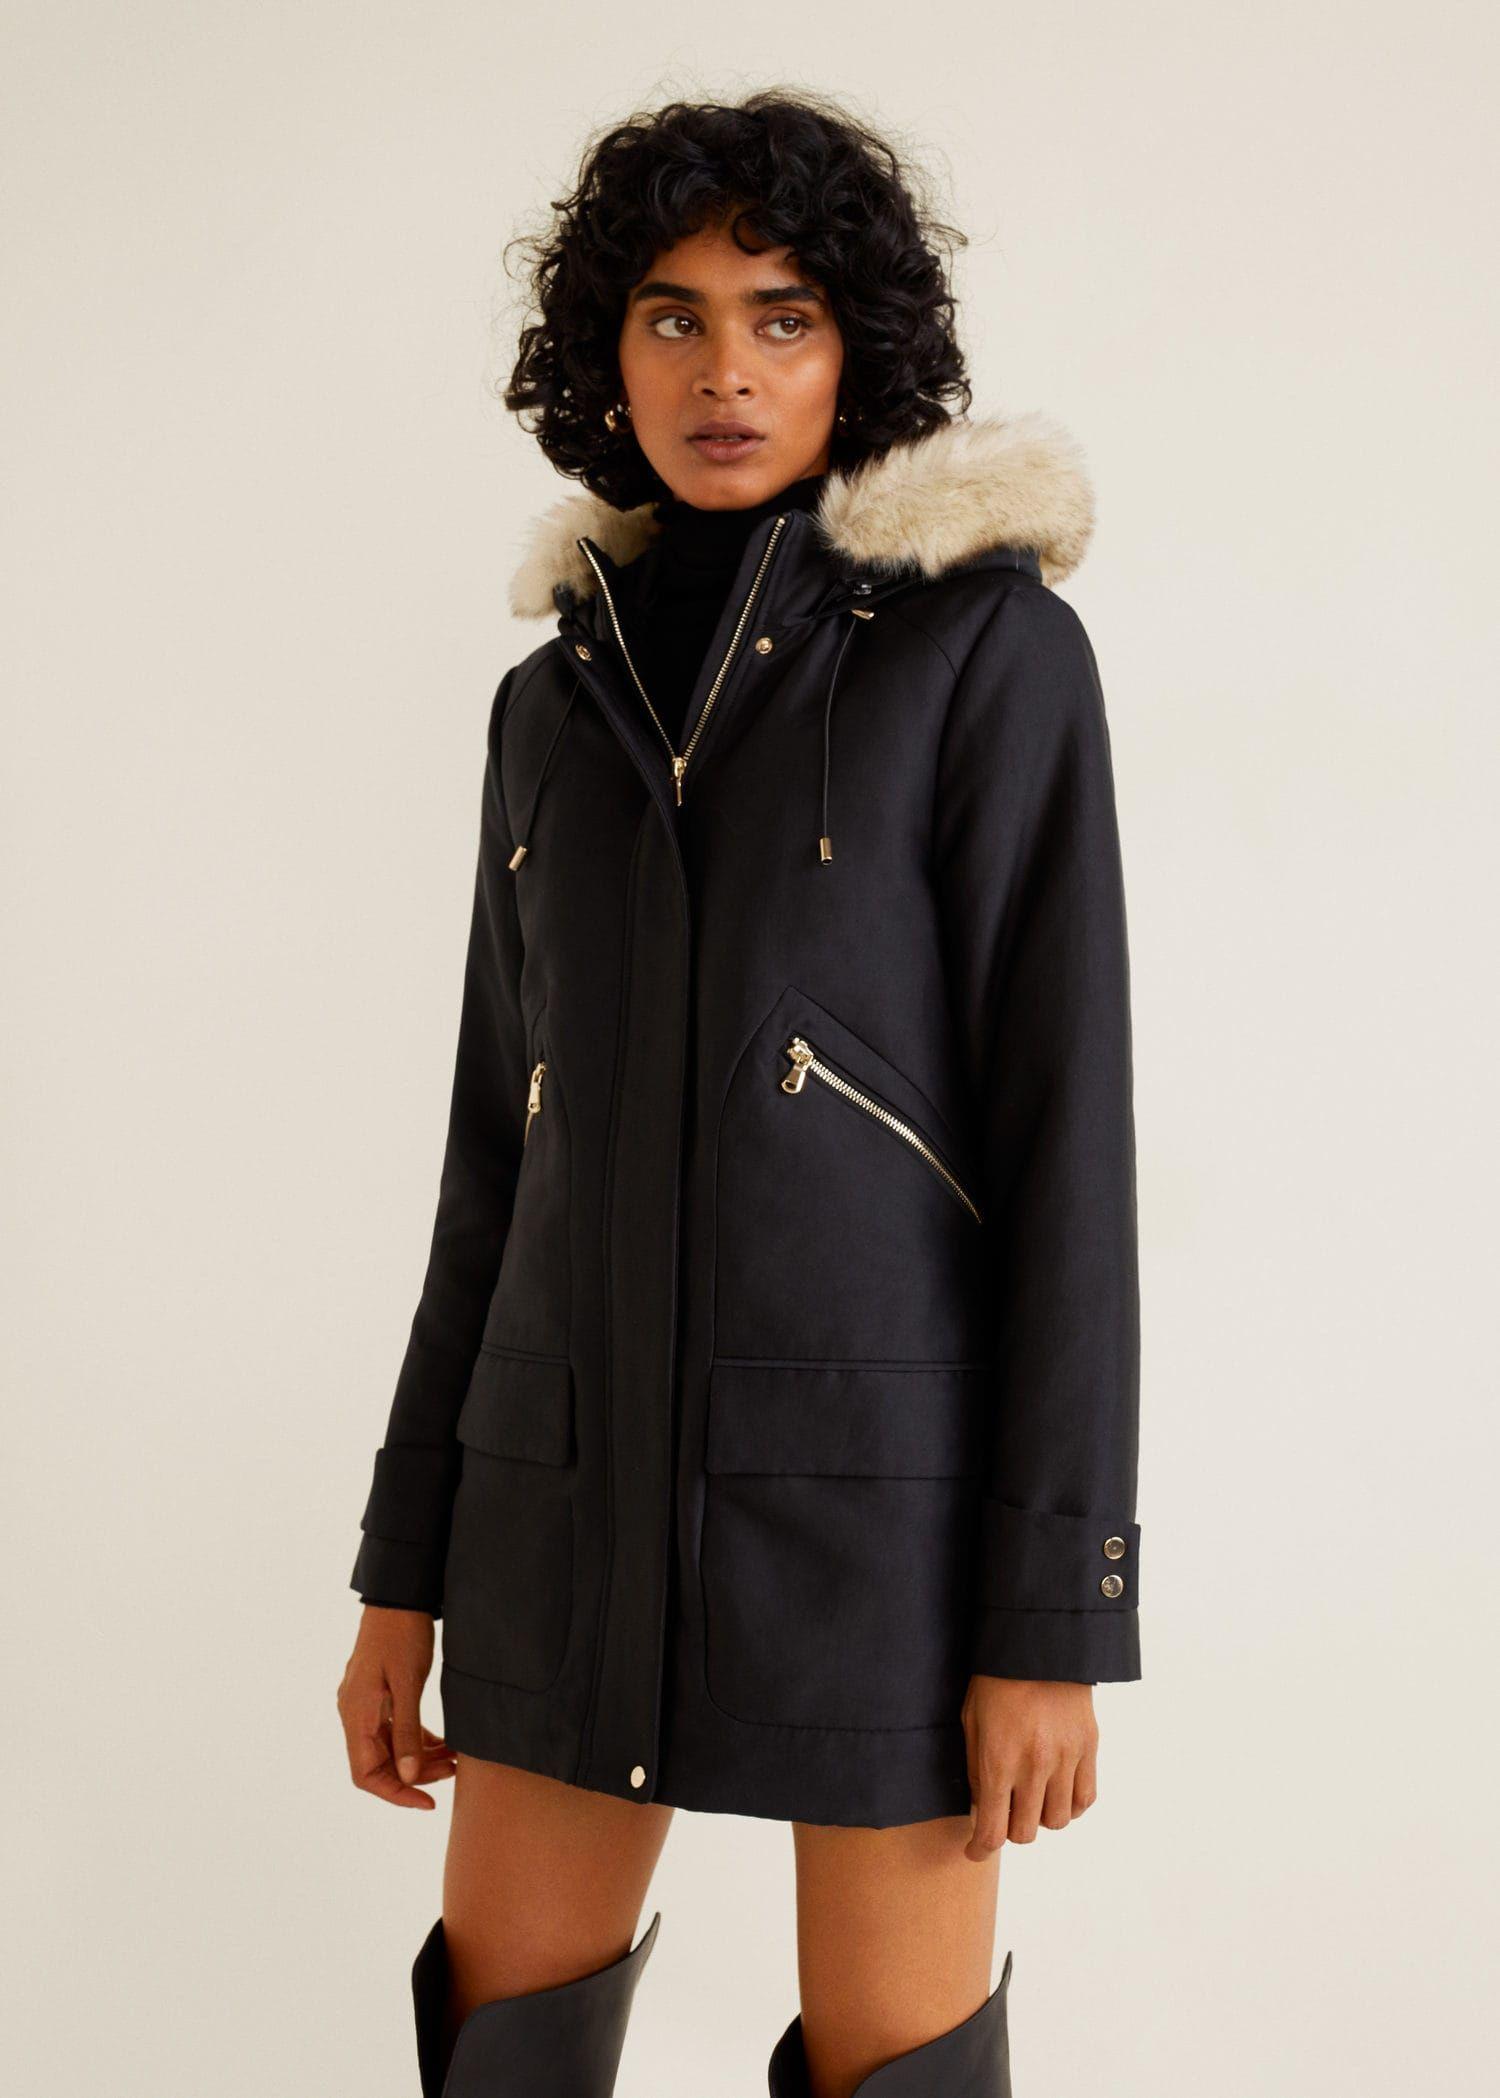 ... Mode Femme par IZIVA. MANGO PARTYT Parka capuche fourrure synthétique  Noir.  Mango  ManteauMango  modefemme  ManteauFemme cfbad410fe4e